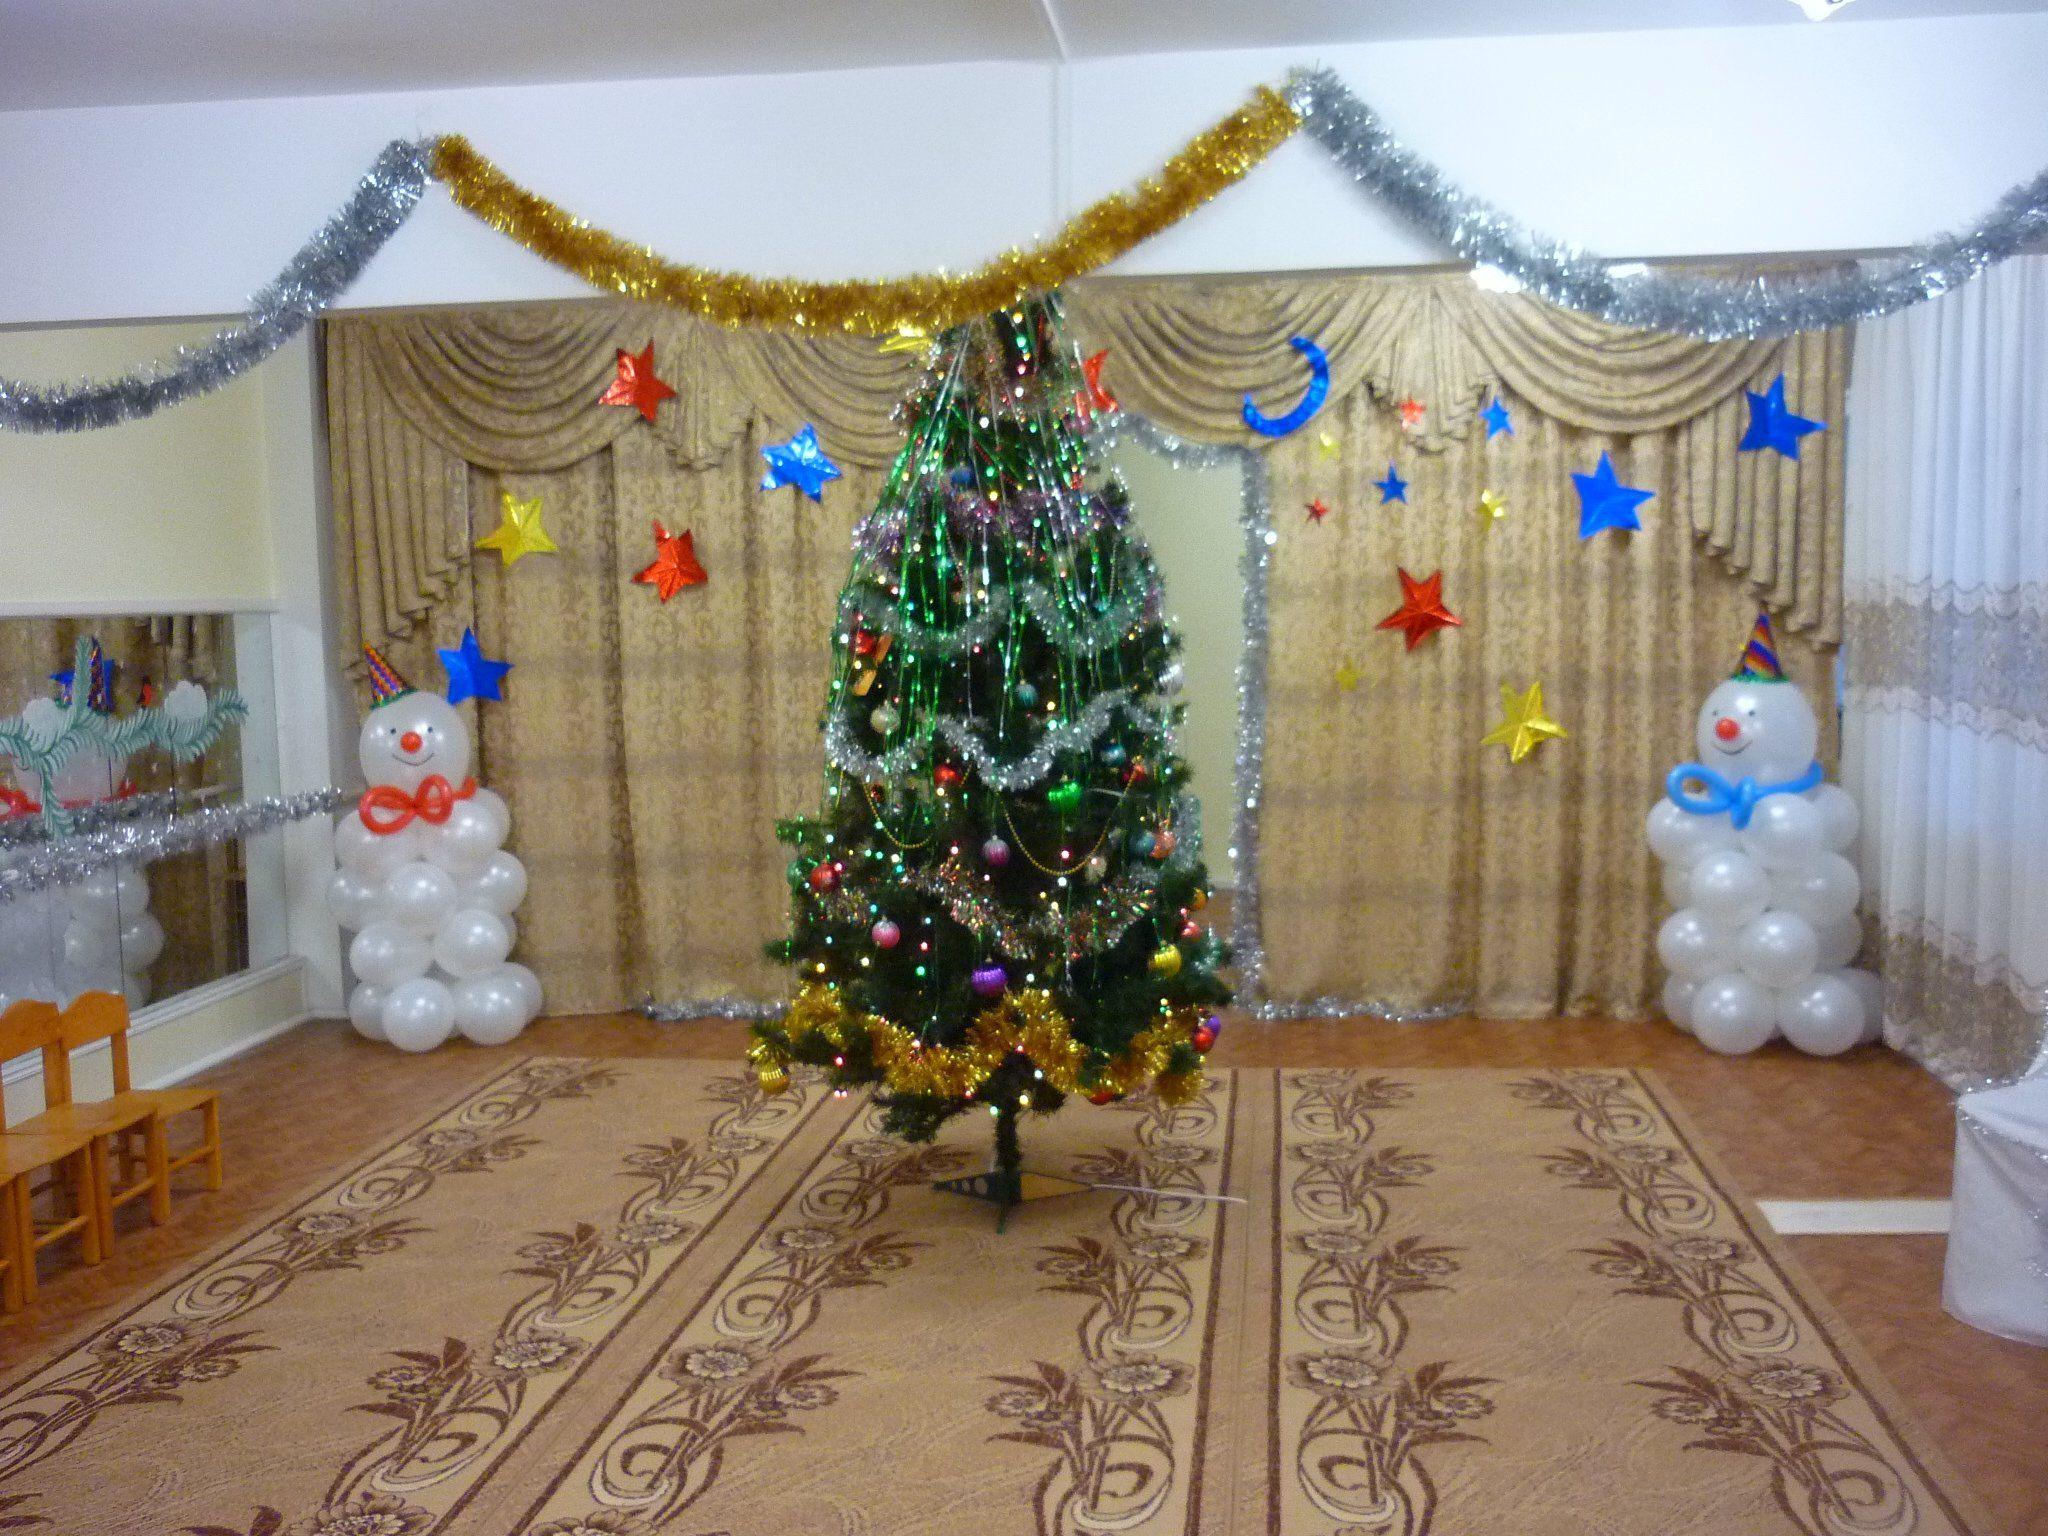 Оформление актового зала к новому году своими руками - Праздник сказка